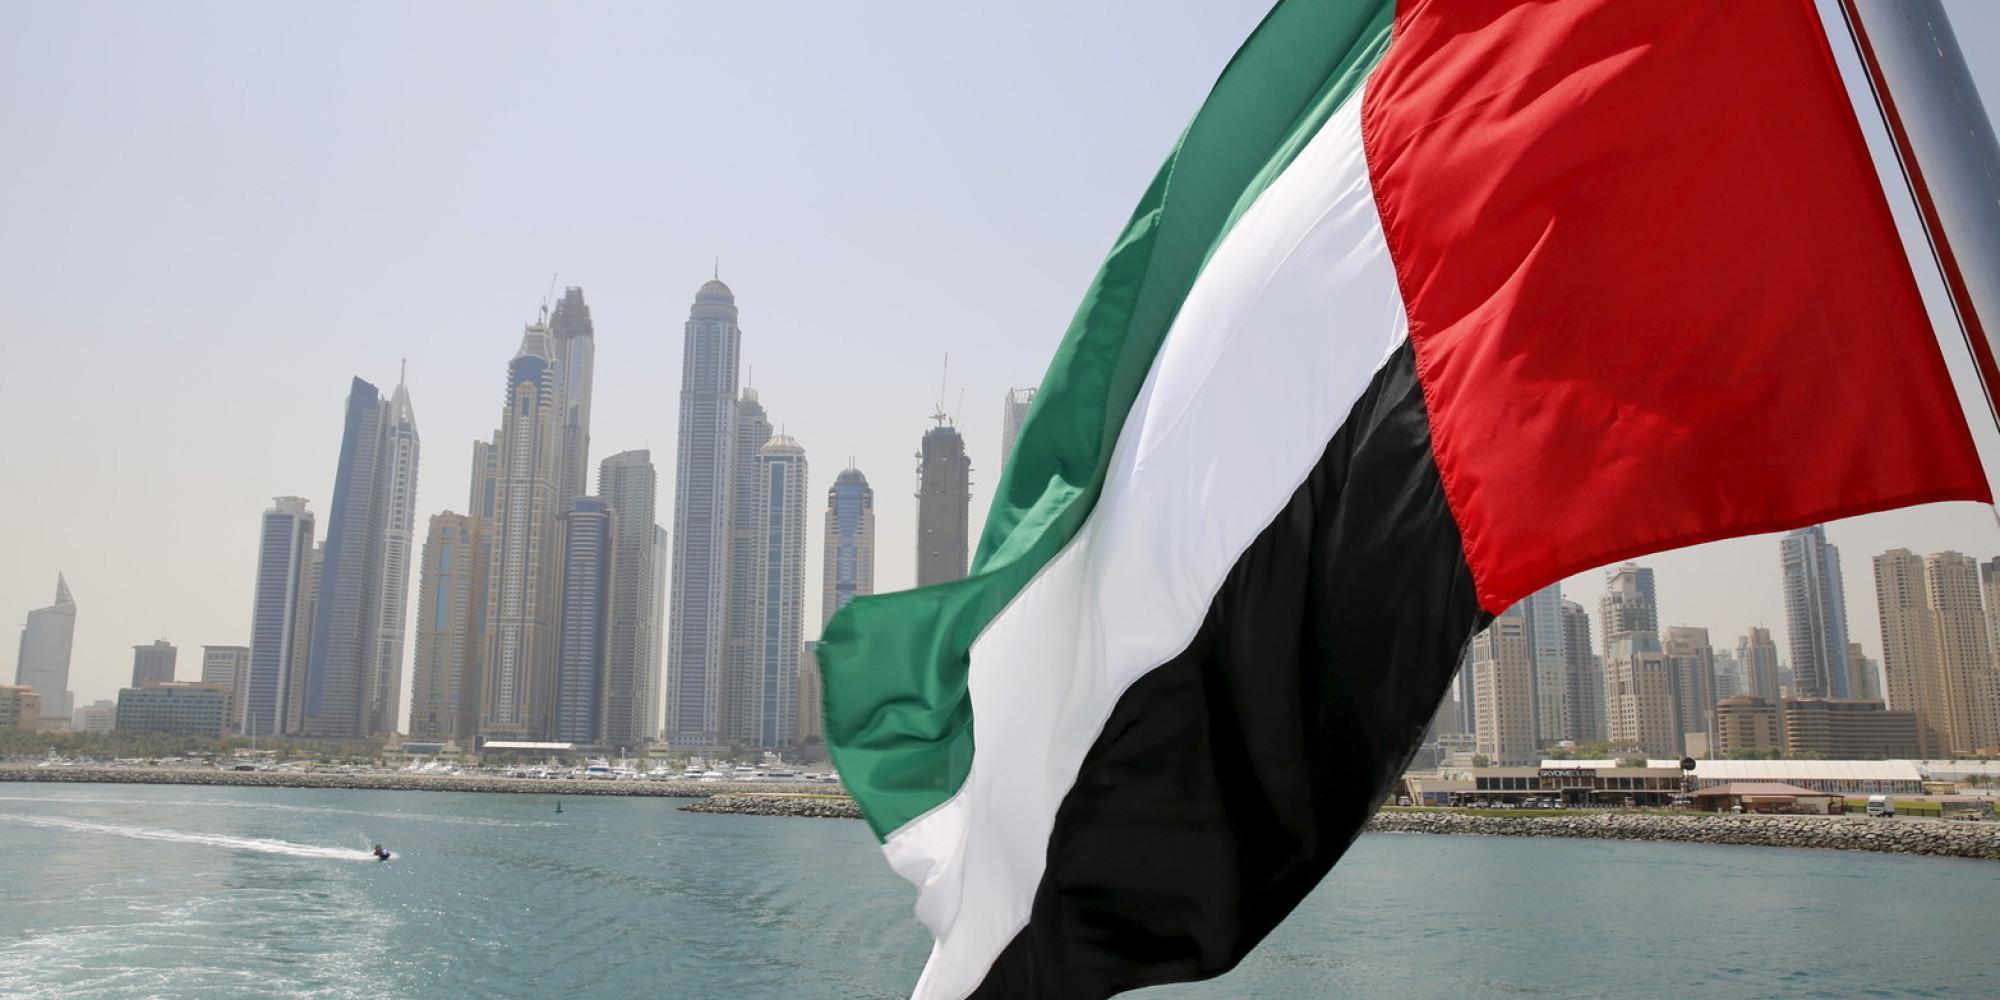 الإمارات تعبّر عن خيبة أملها من قرار الاتحاد الأوروبي إدراجها على  قائمة سوداء